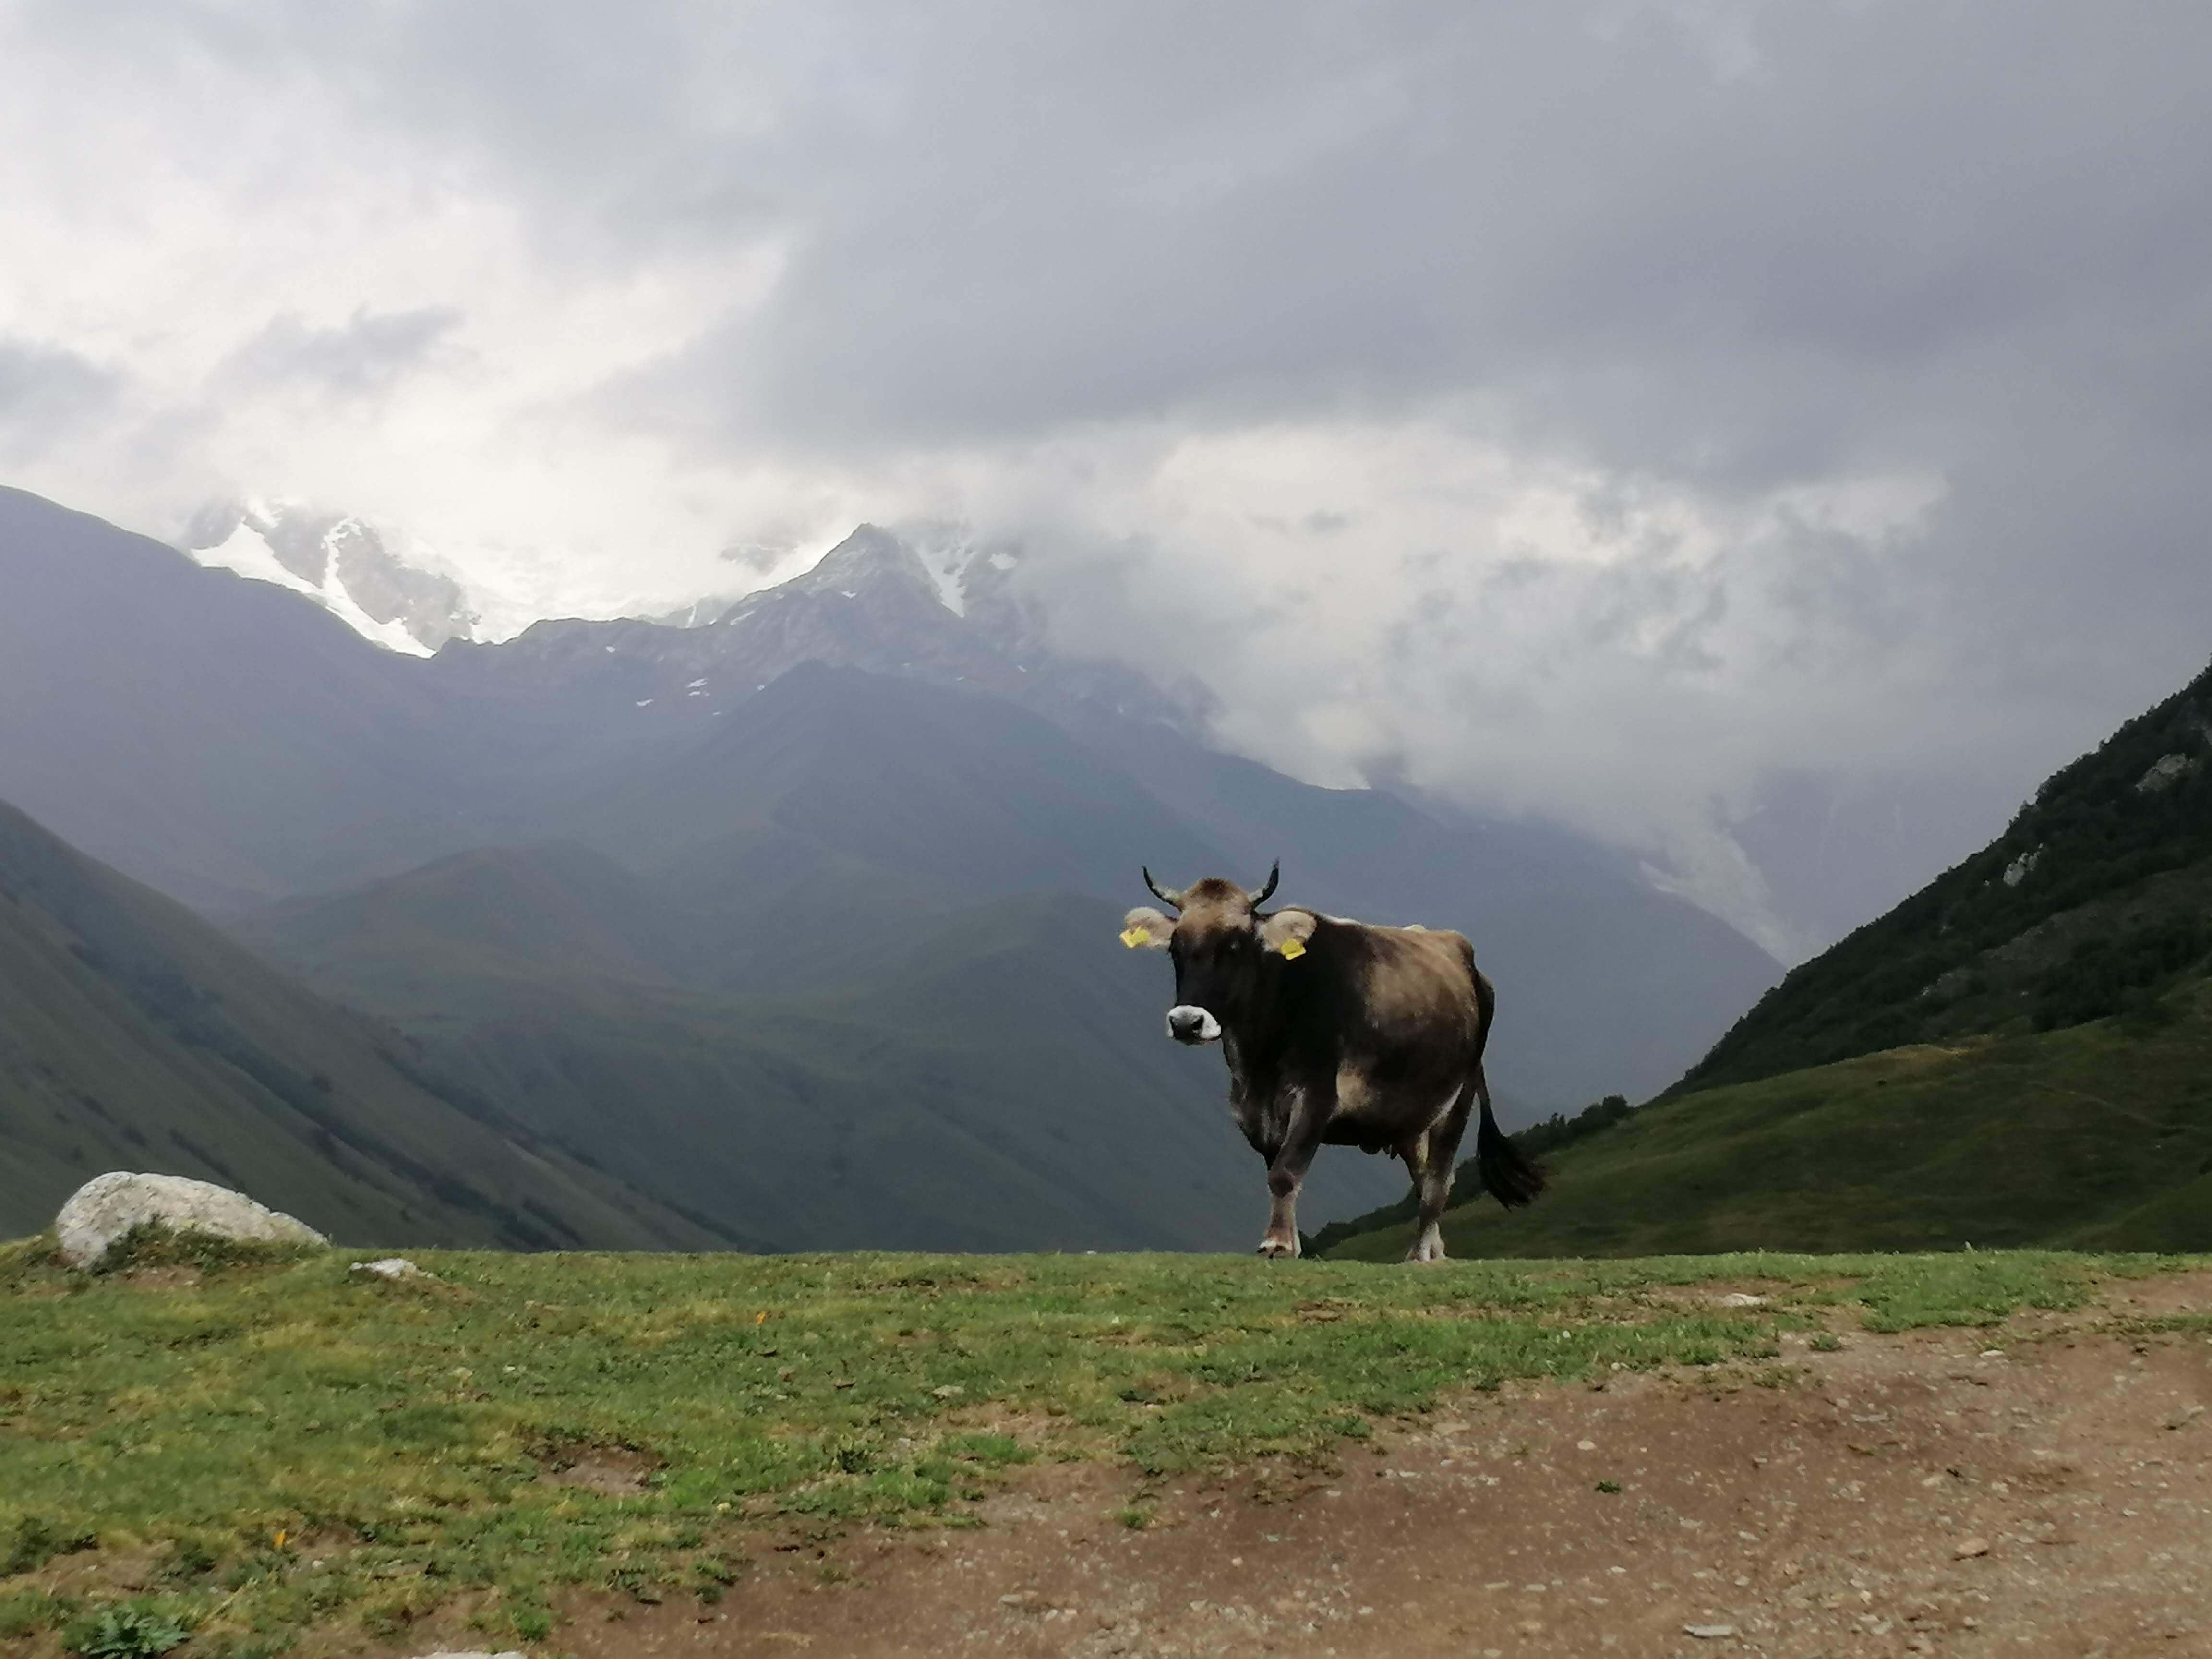 ジョージアの山々に佇む牛